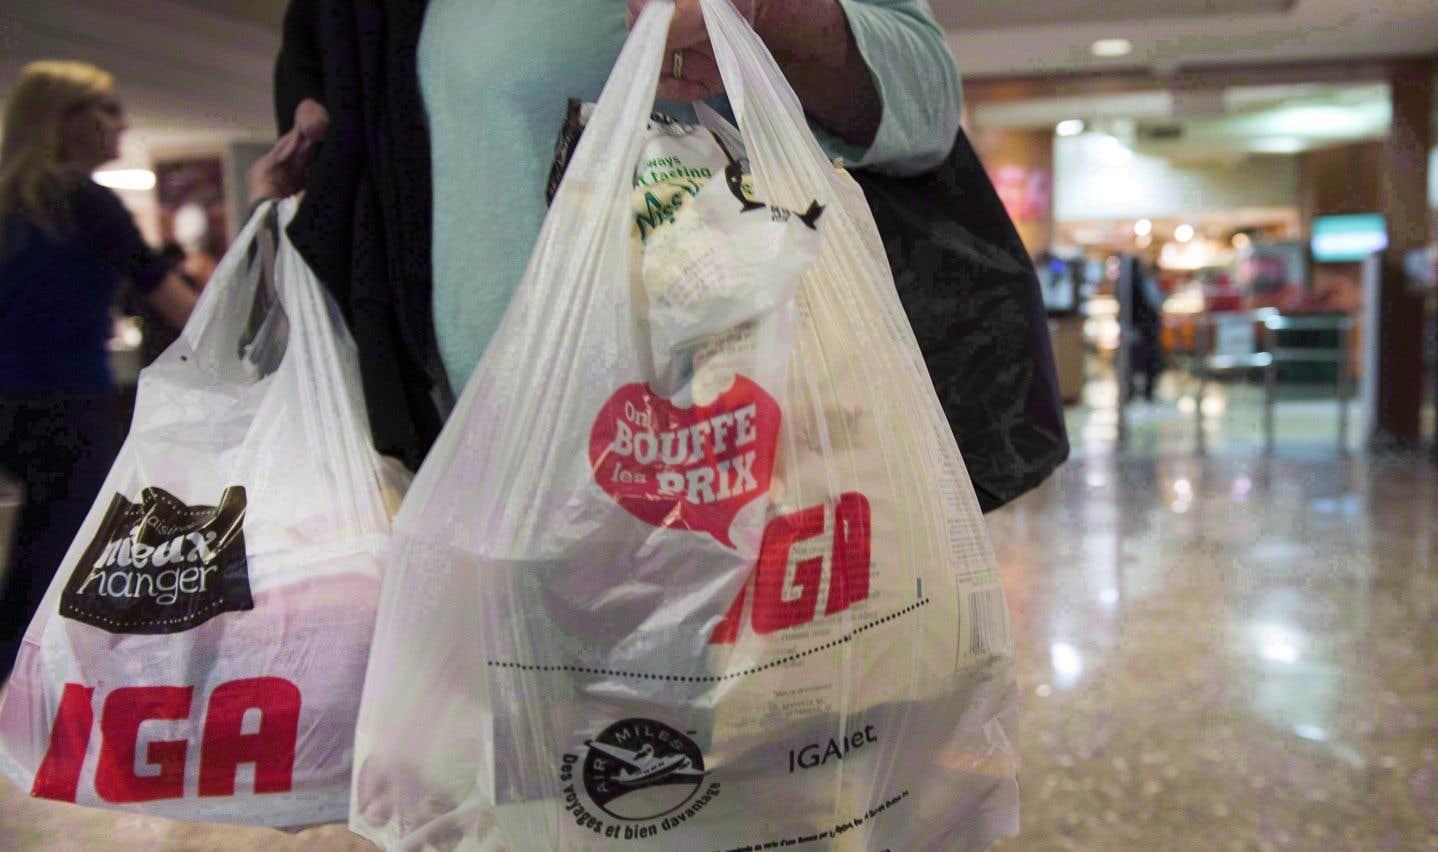 Désormais, les clients devront utiliser des sacs de plus de 50 microns, des sacs de papier, ou bien des sacs réutilisables.